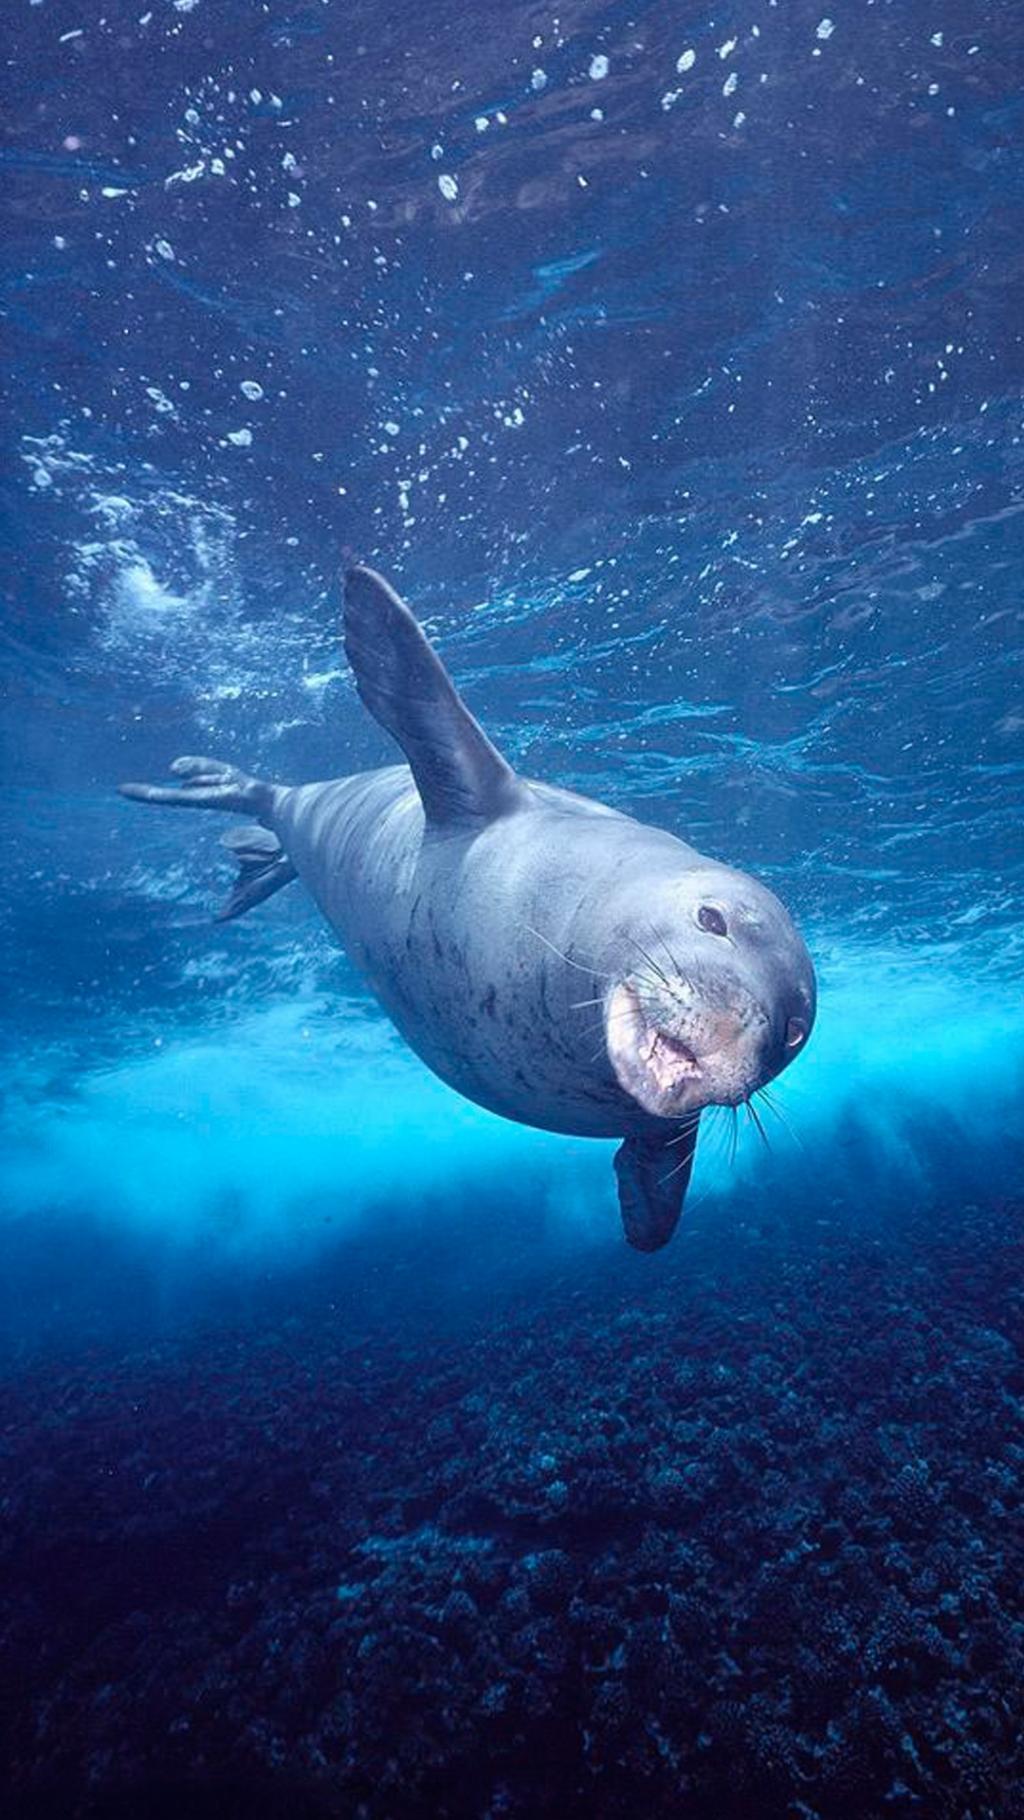 深海里的海豹